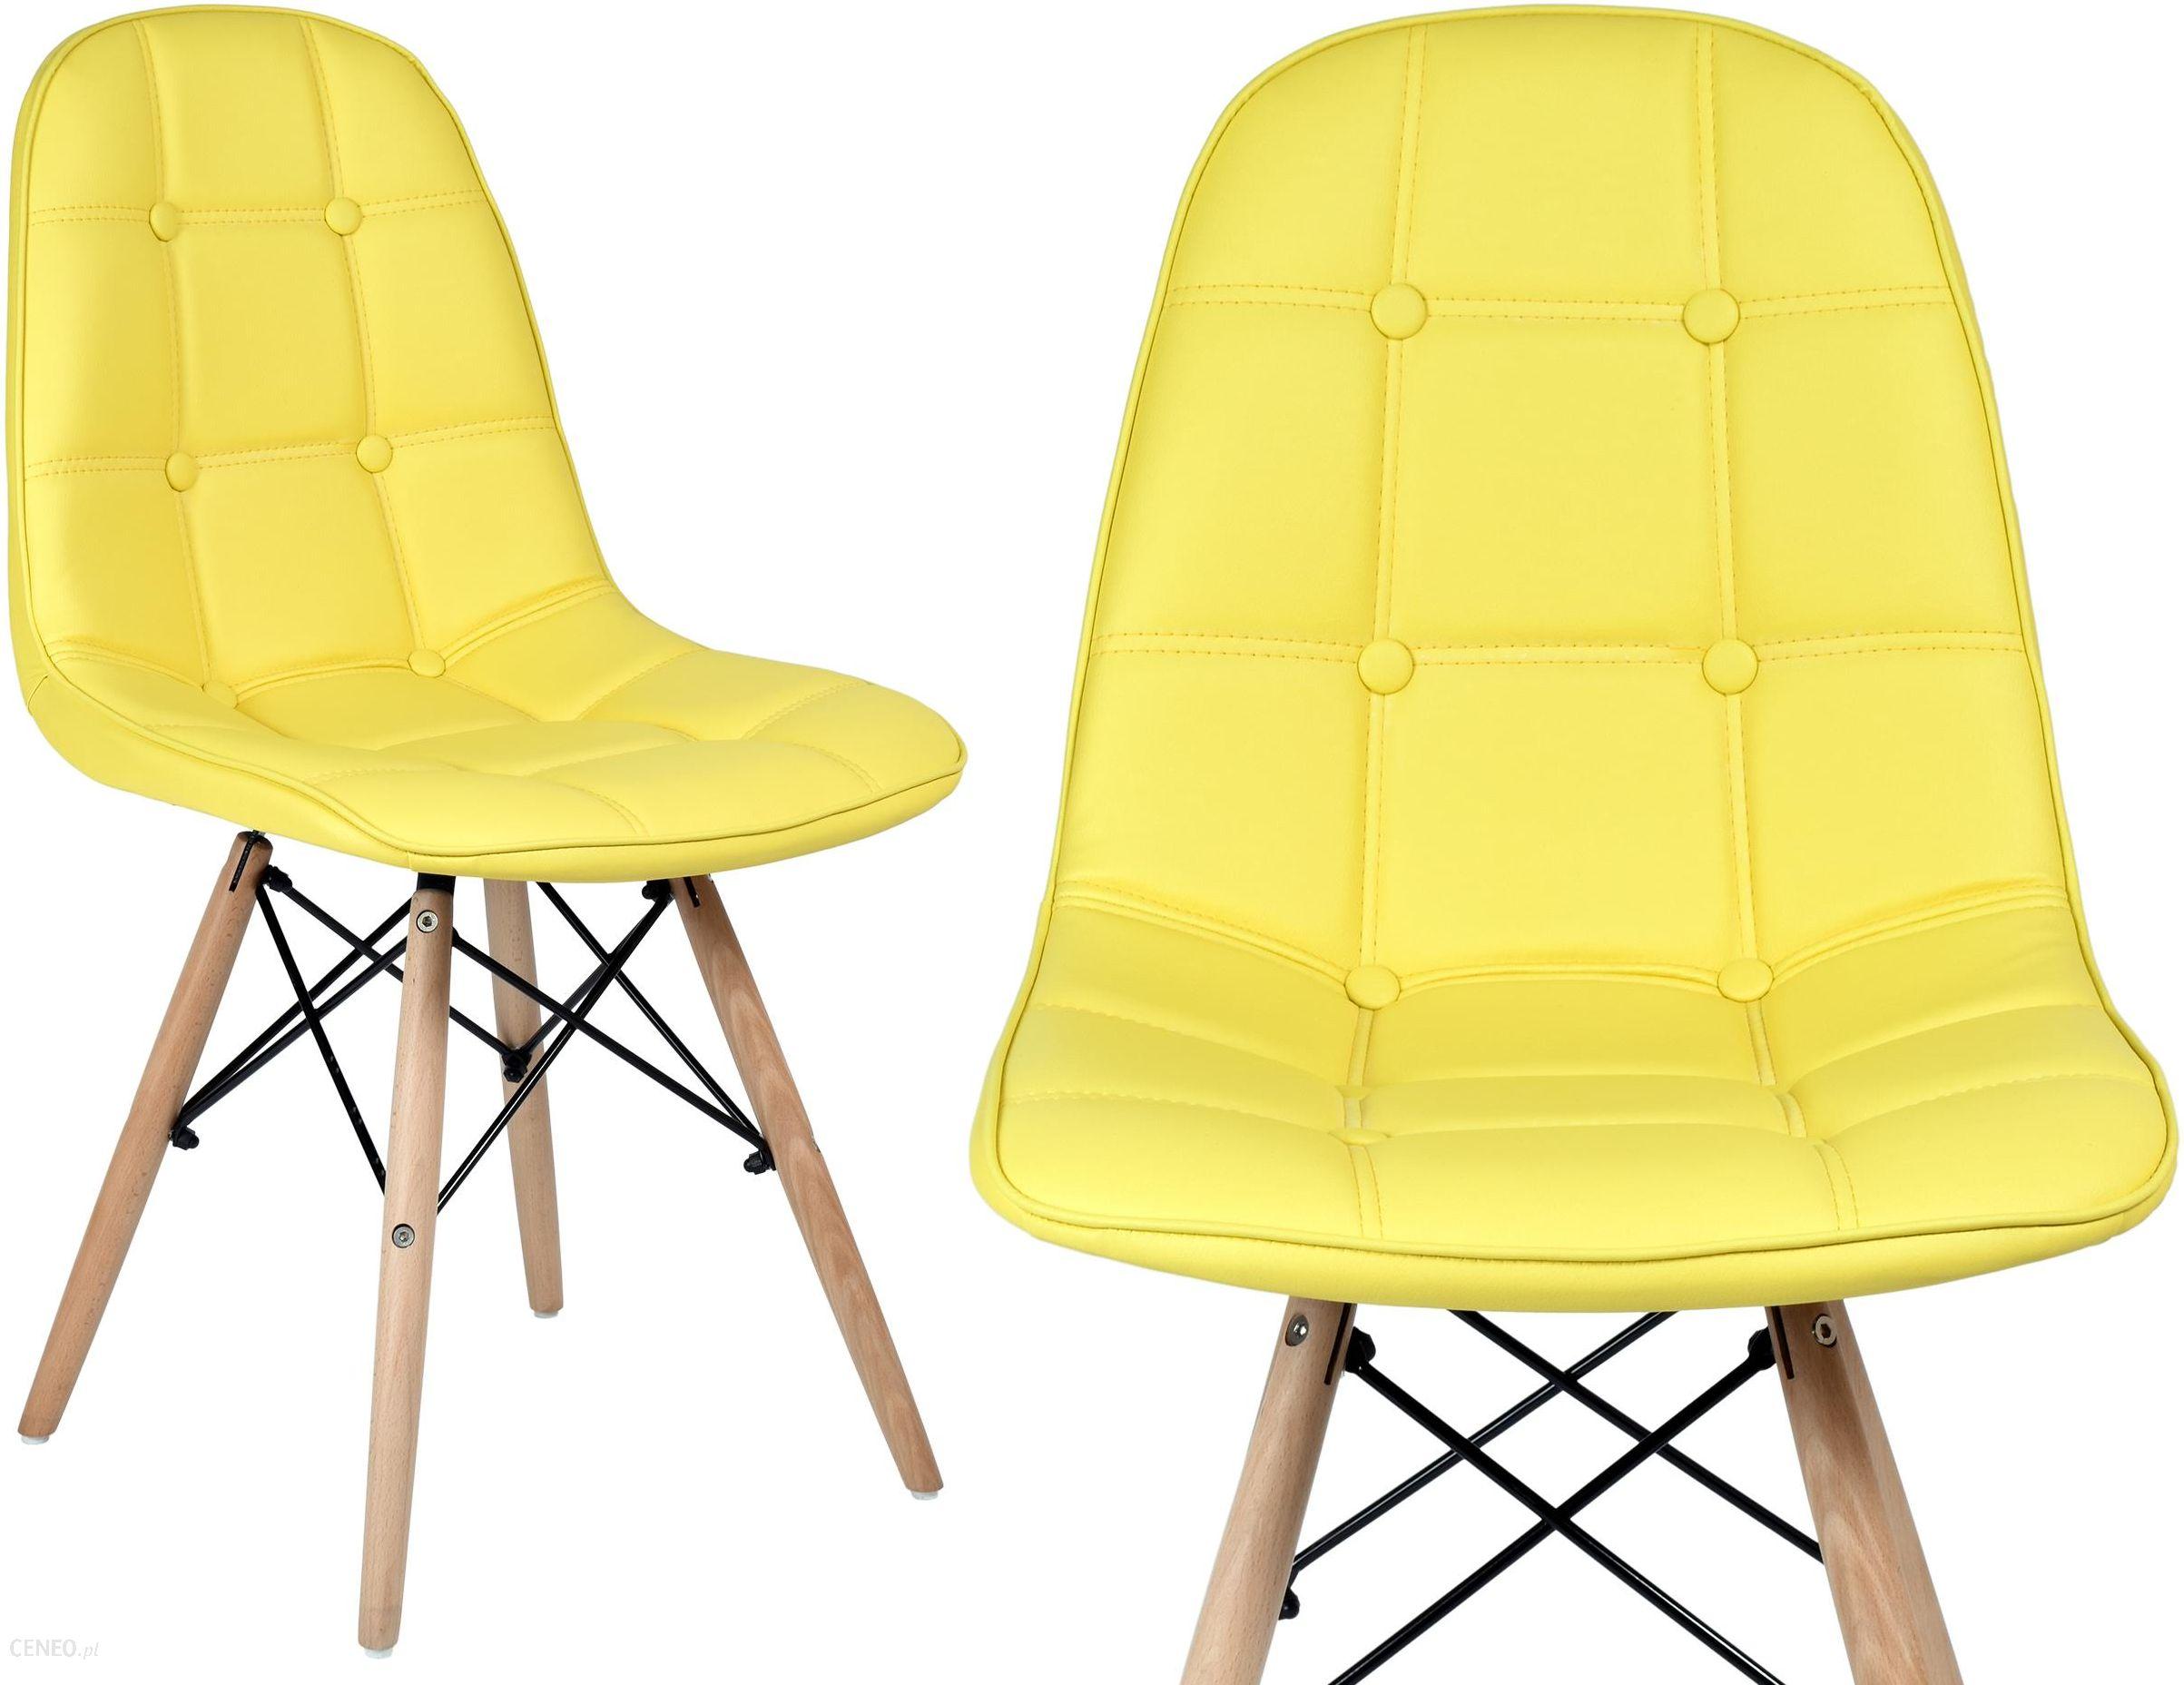 Krzesło Krzesła Kuchenne Nowoczesne Do Kuchni Dsw